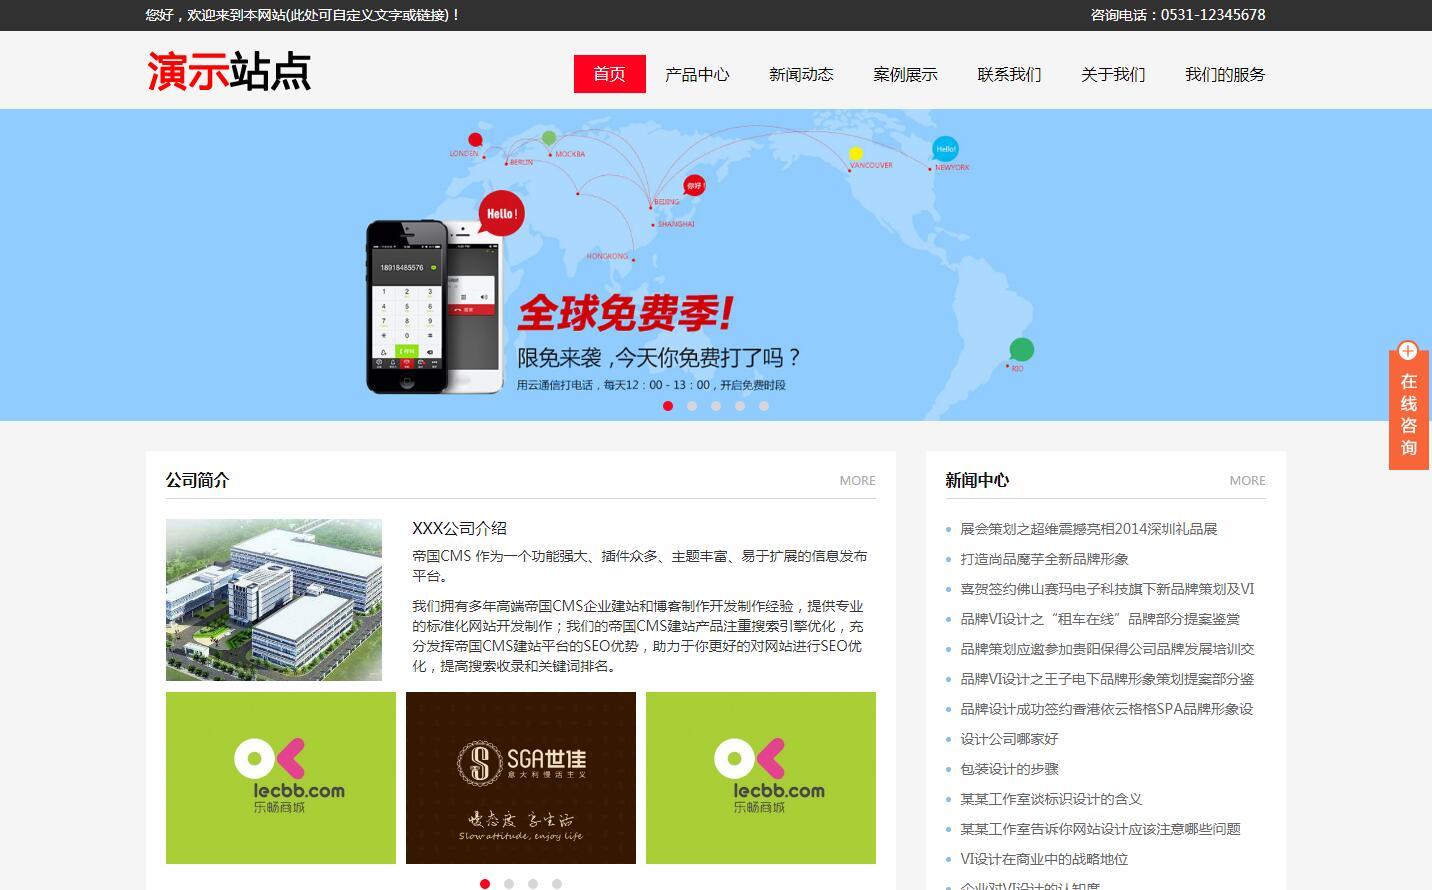 帝国CMS模板公司企业产品团队新闻图片展示HTML5响应式自适应网站源码